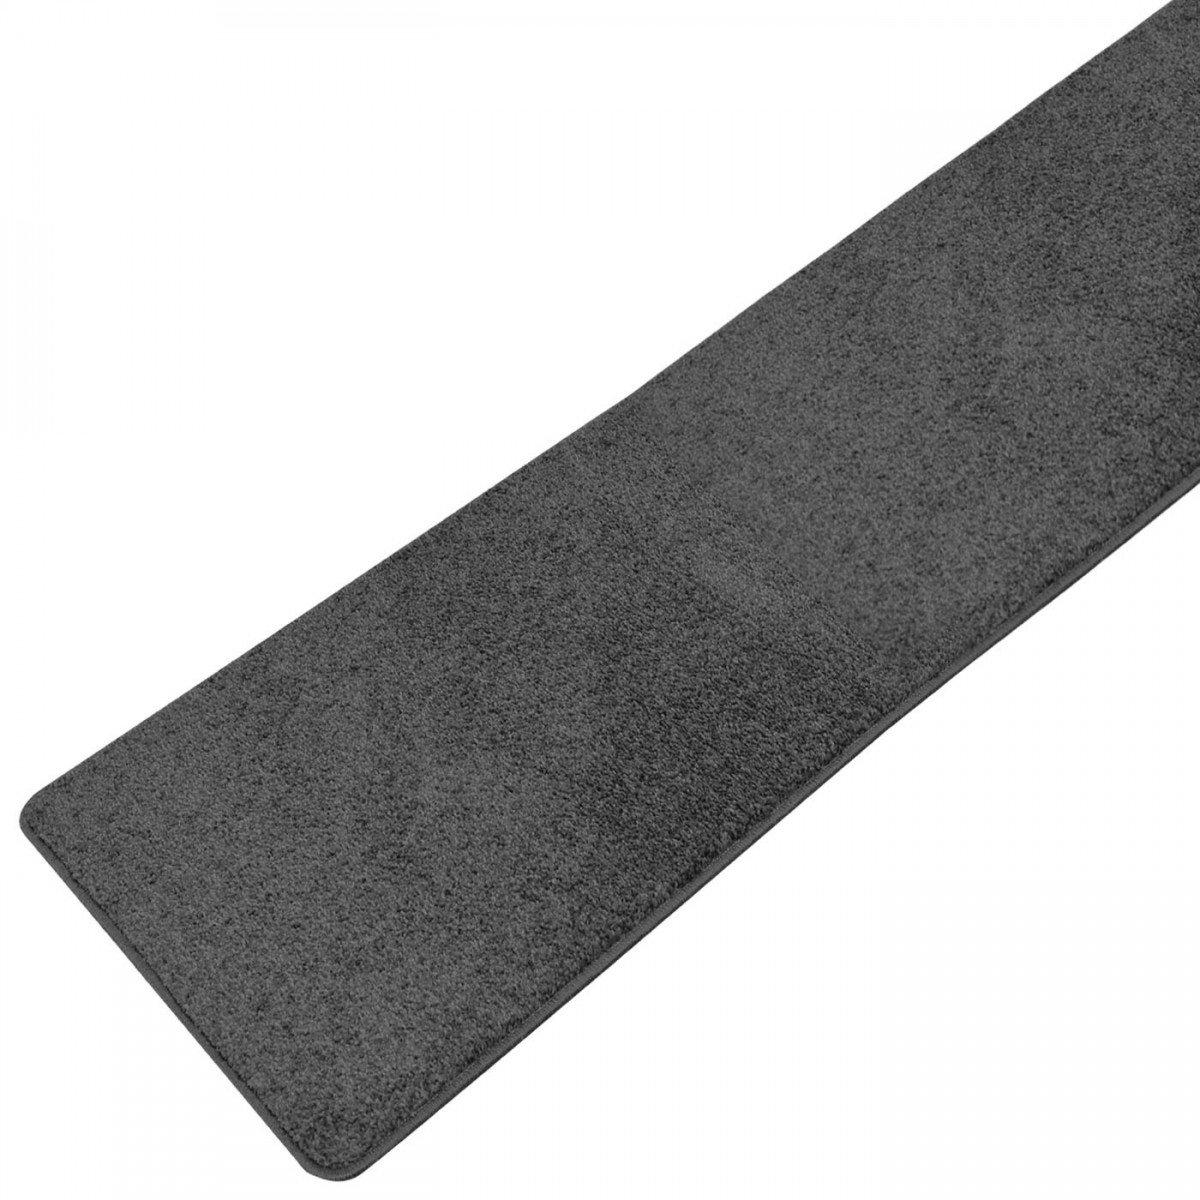 Teppich Läufer Plano schwarz, Größe Auswählen80 x 300 cm    Kundenberichte und weitere Informationen